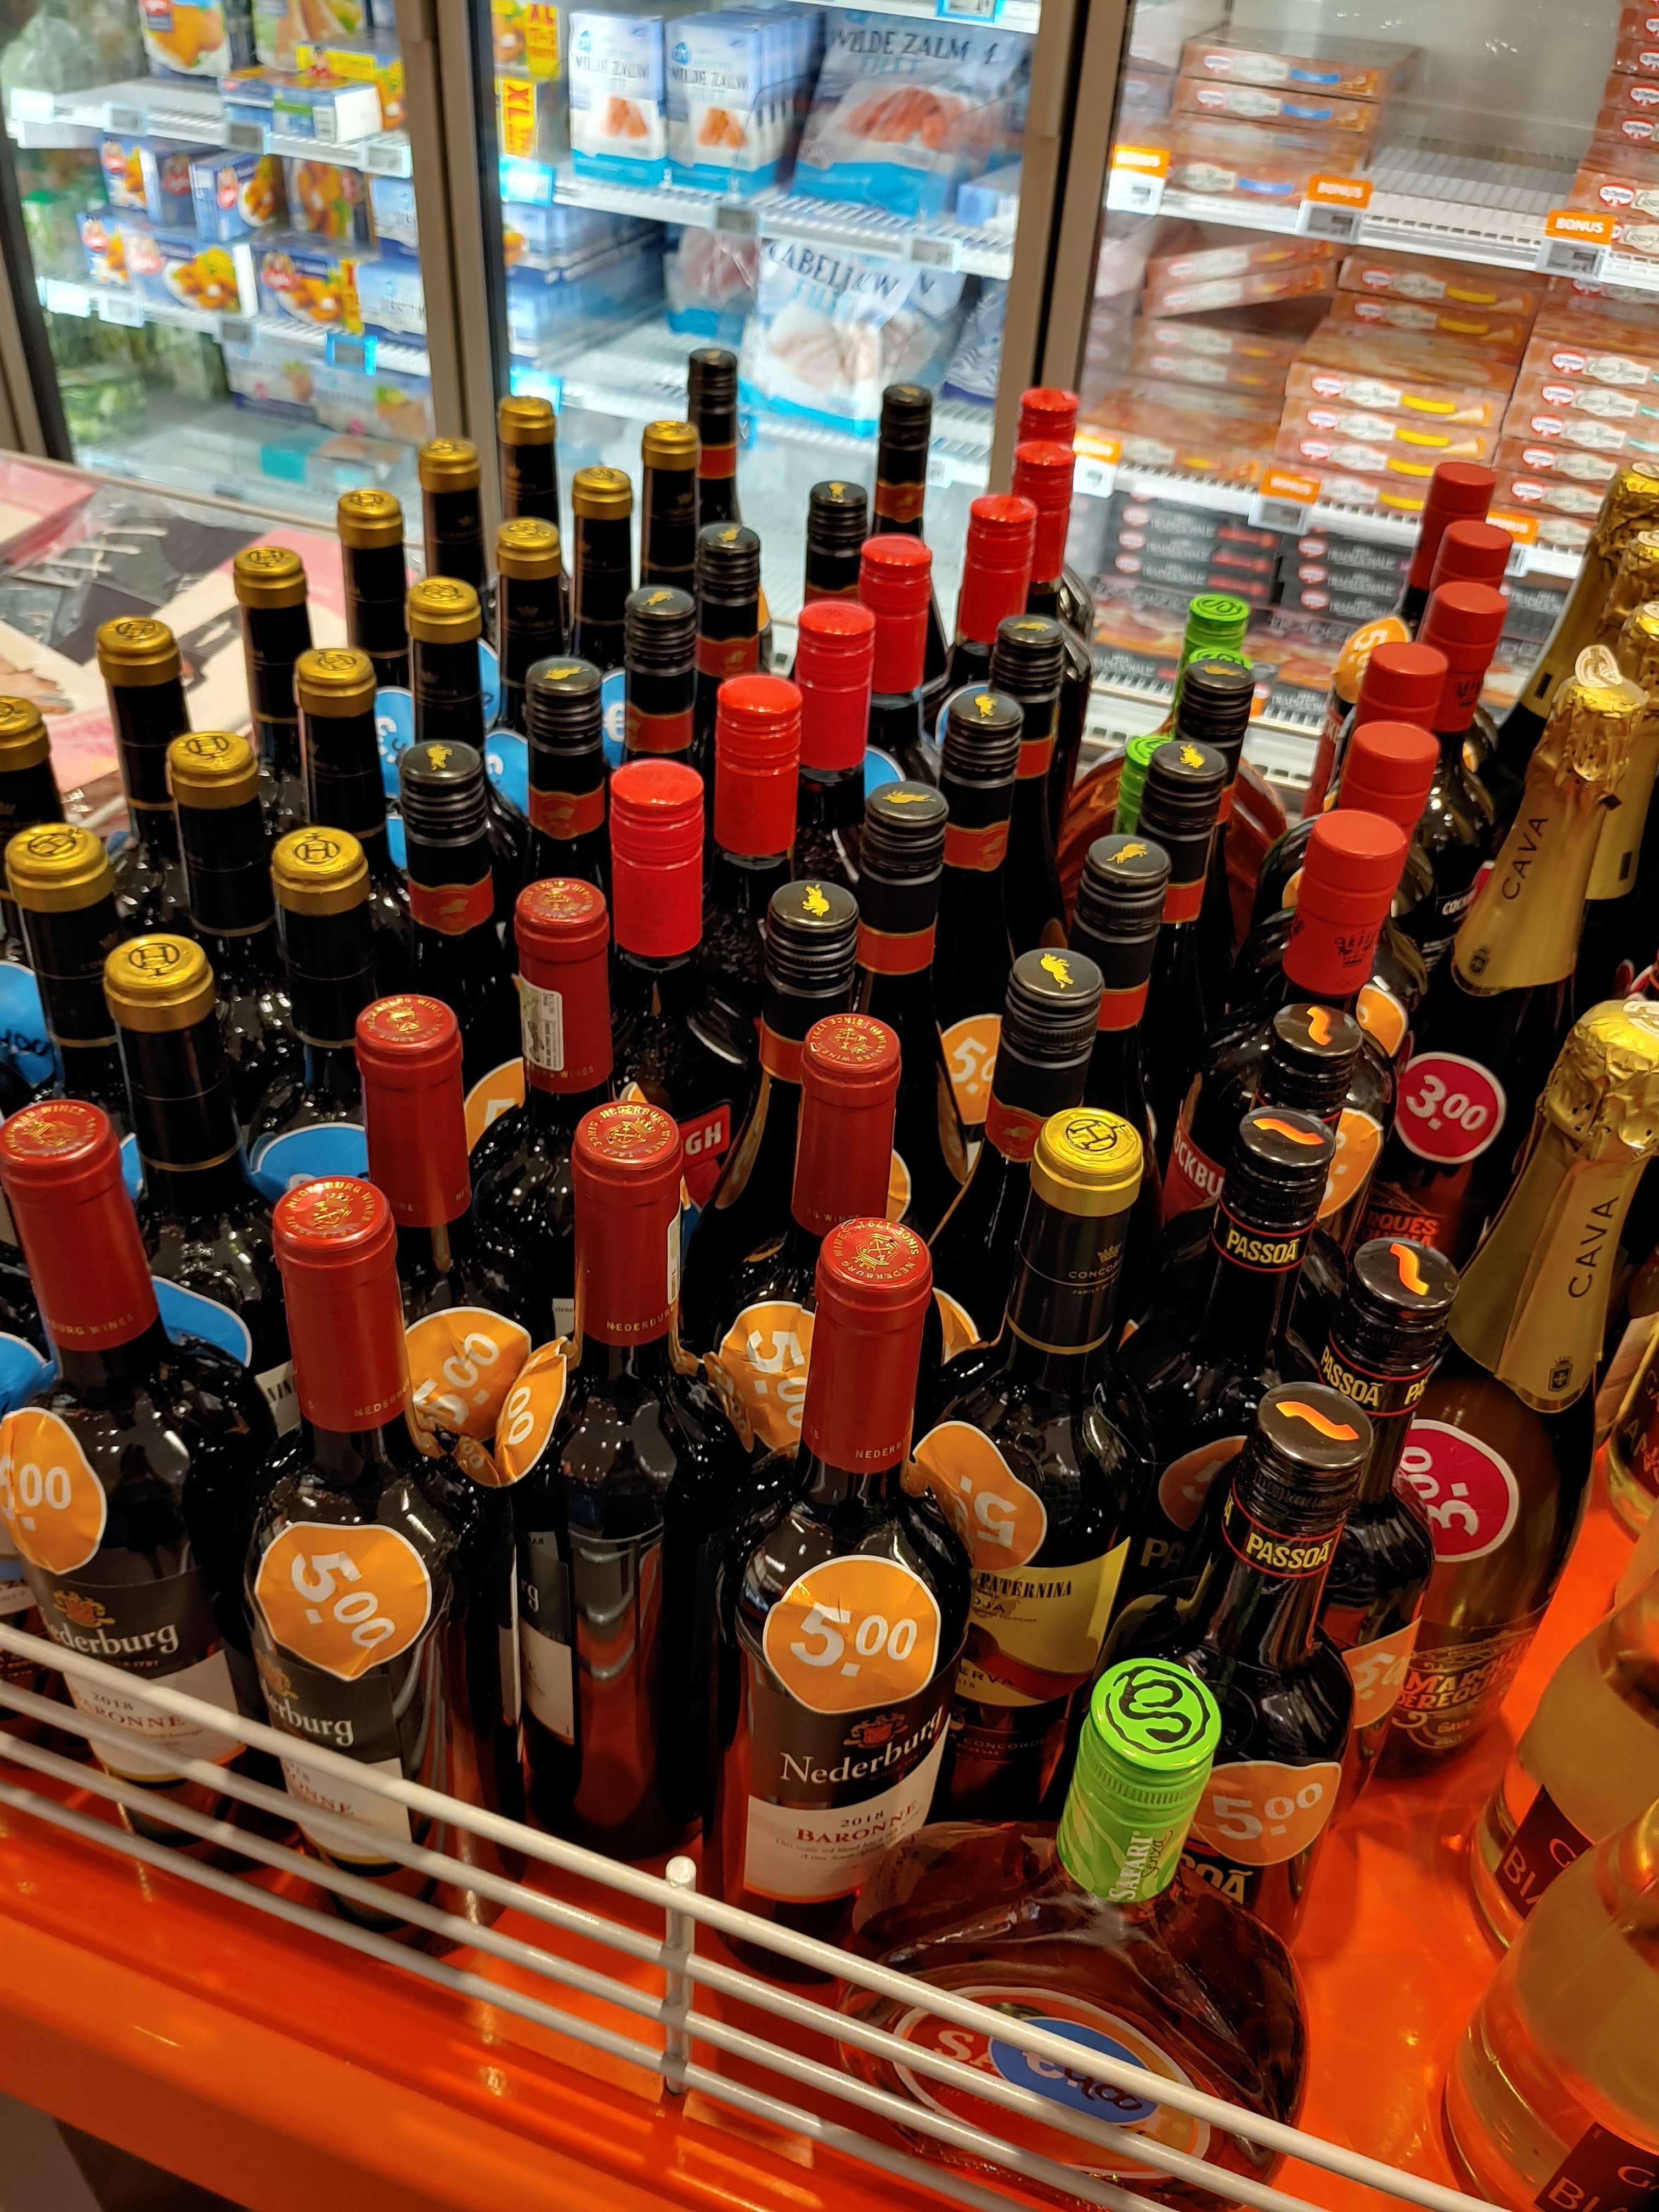 [Lokaal Eindhoven] - Verscheidene flessen drank in de koopjesbak @Albert Heijn